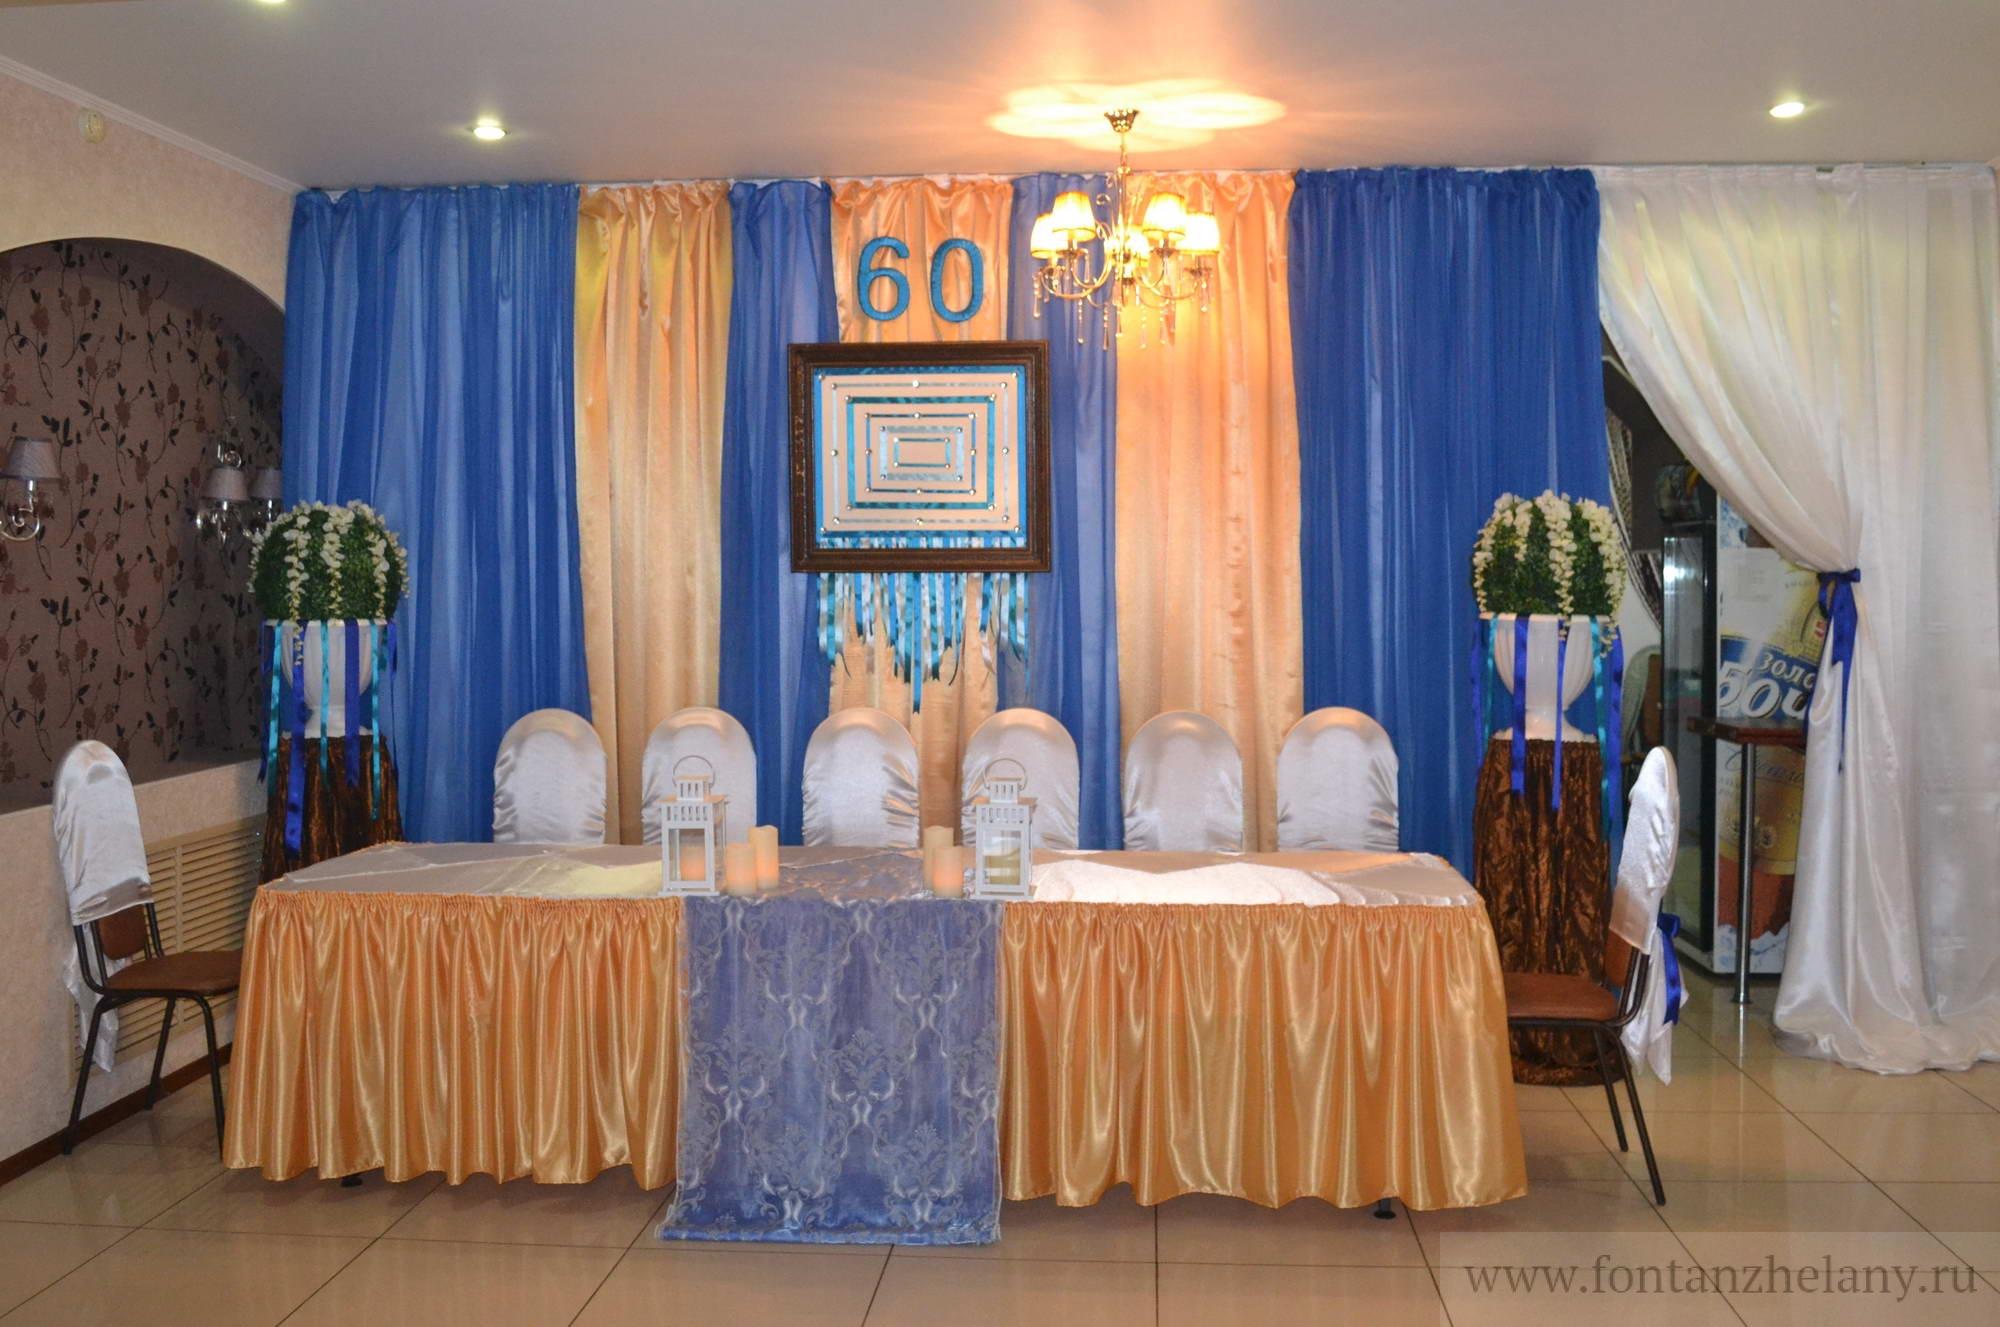 Юбилей 60 лет в сине-золотом цвете в кафе «Сиреневый рай»